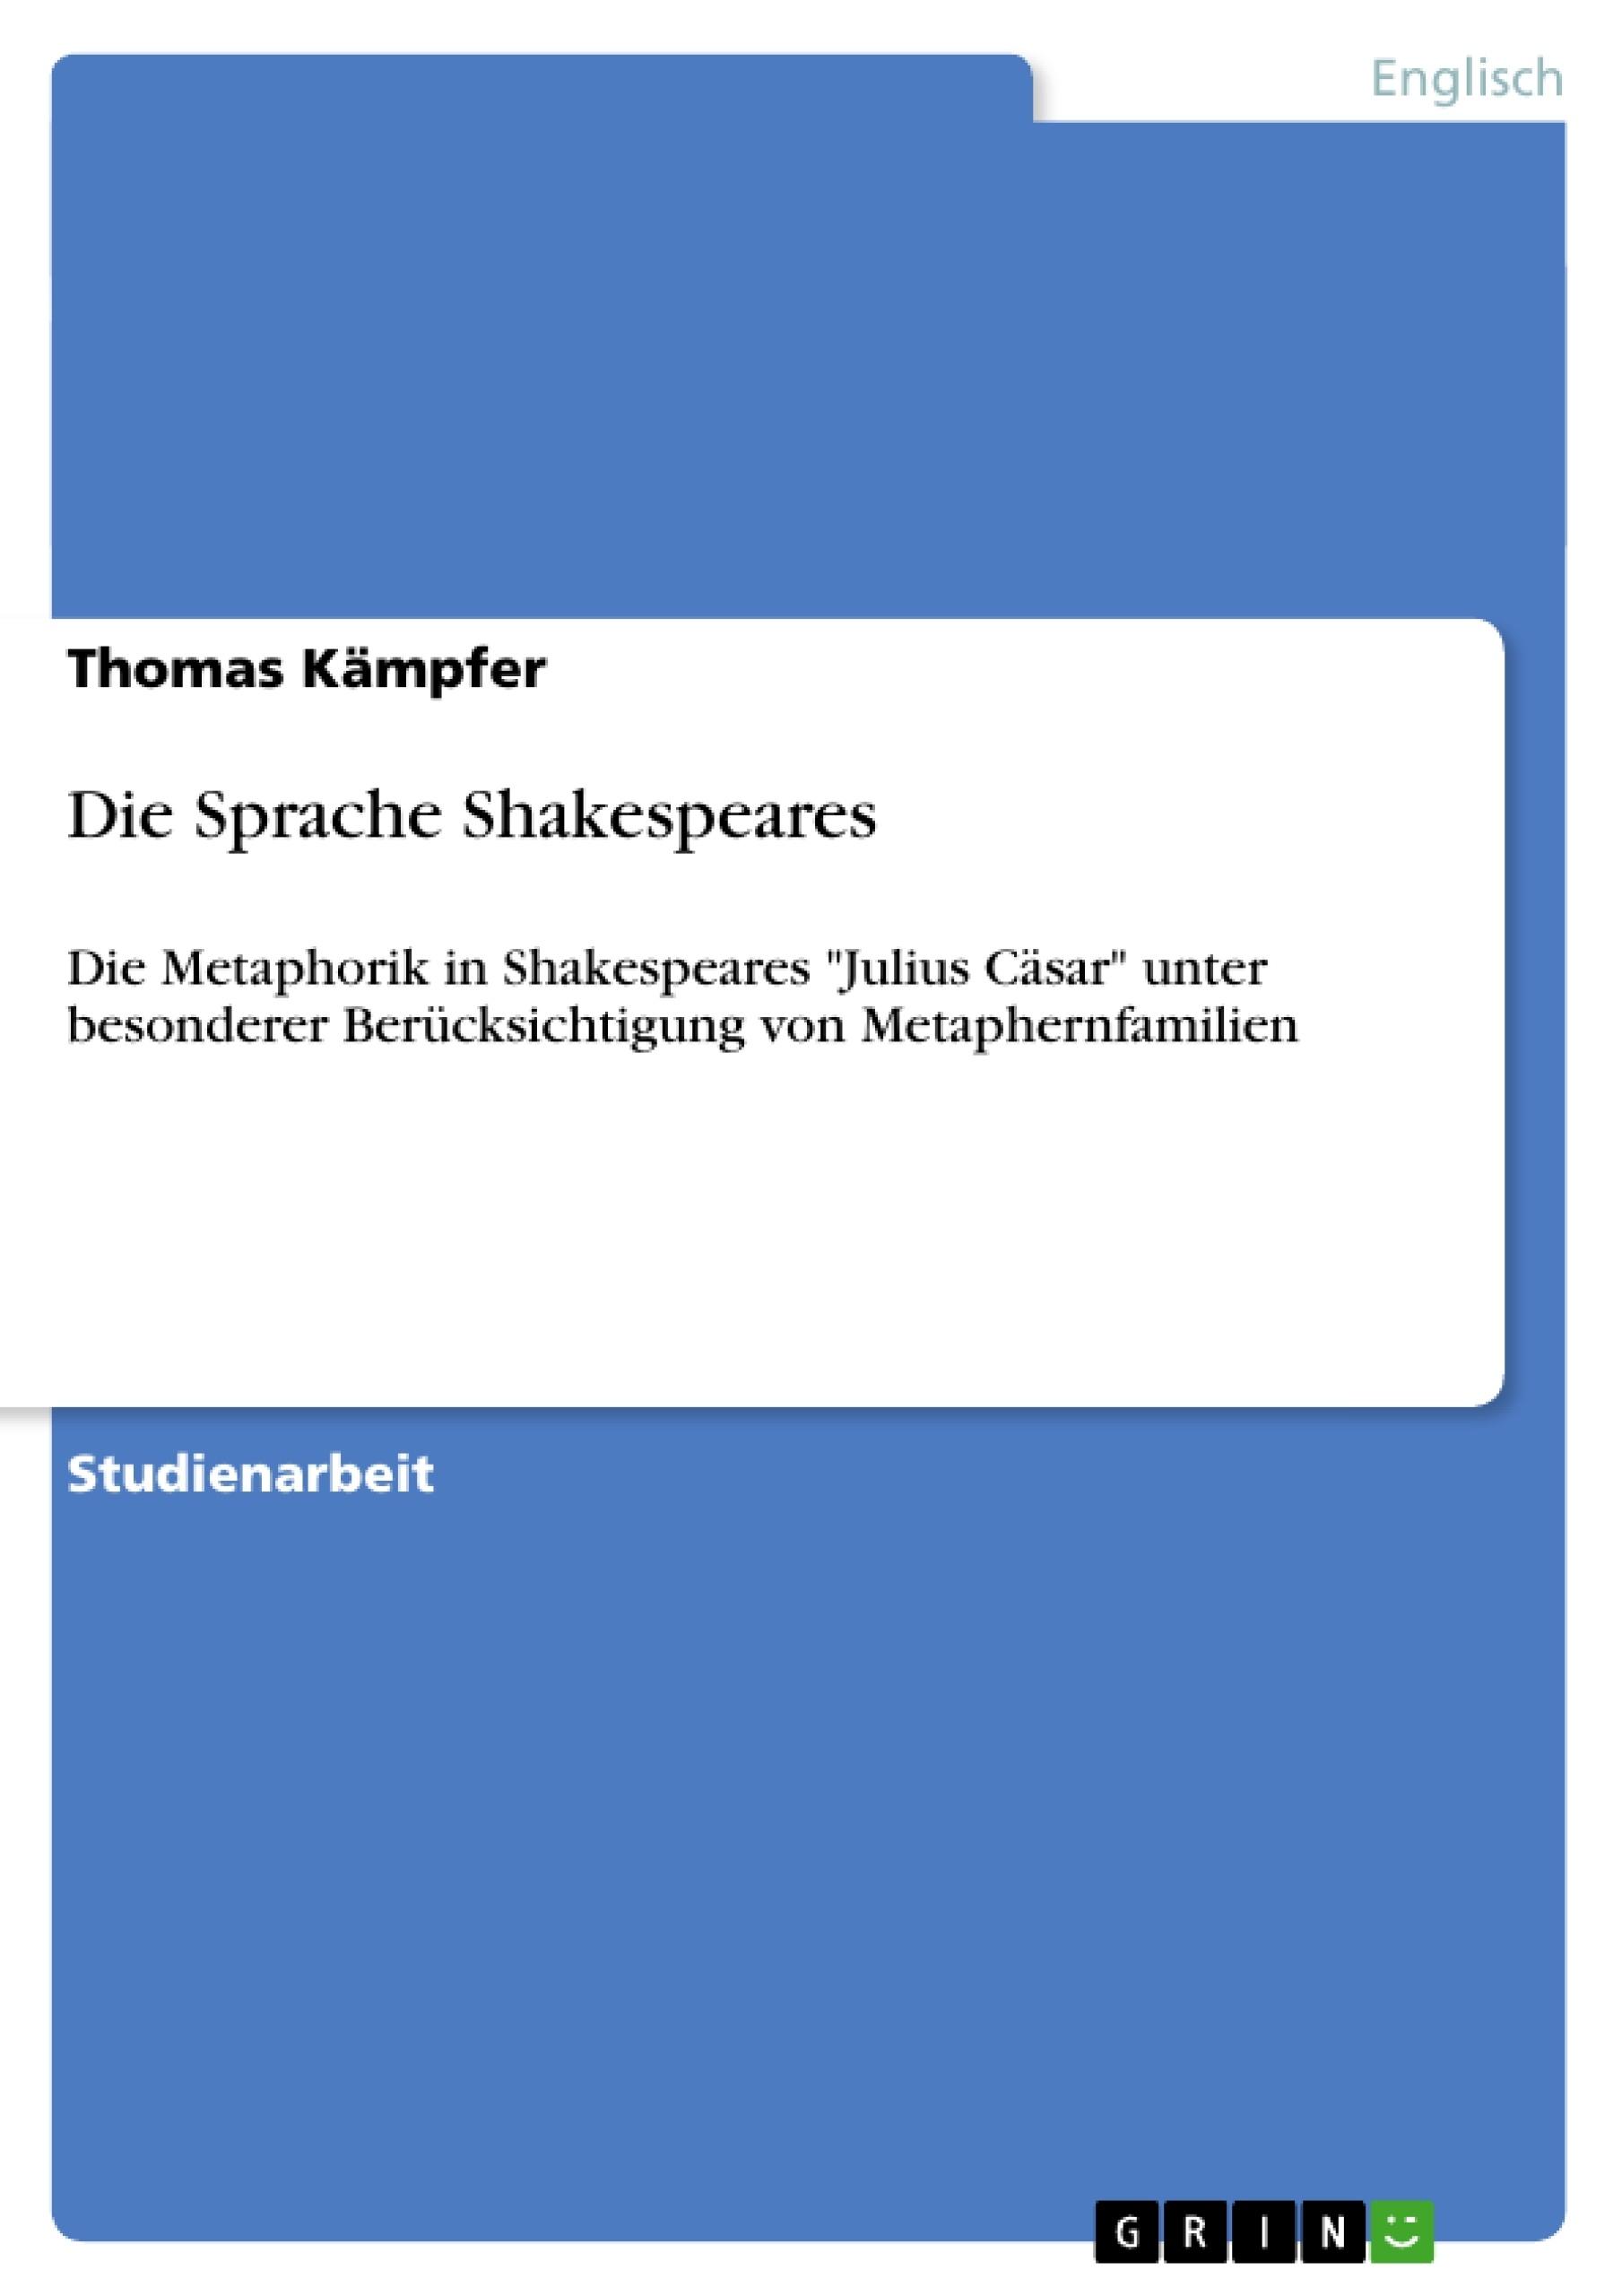 Titel: Die Sprache Shakespeares